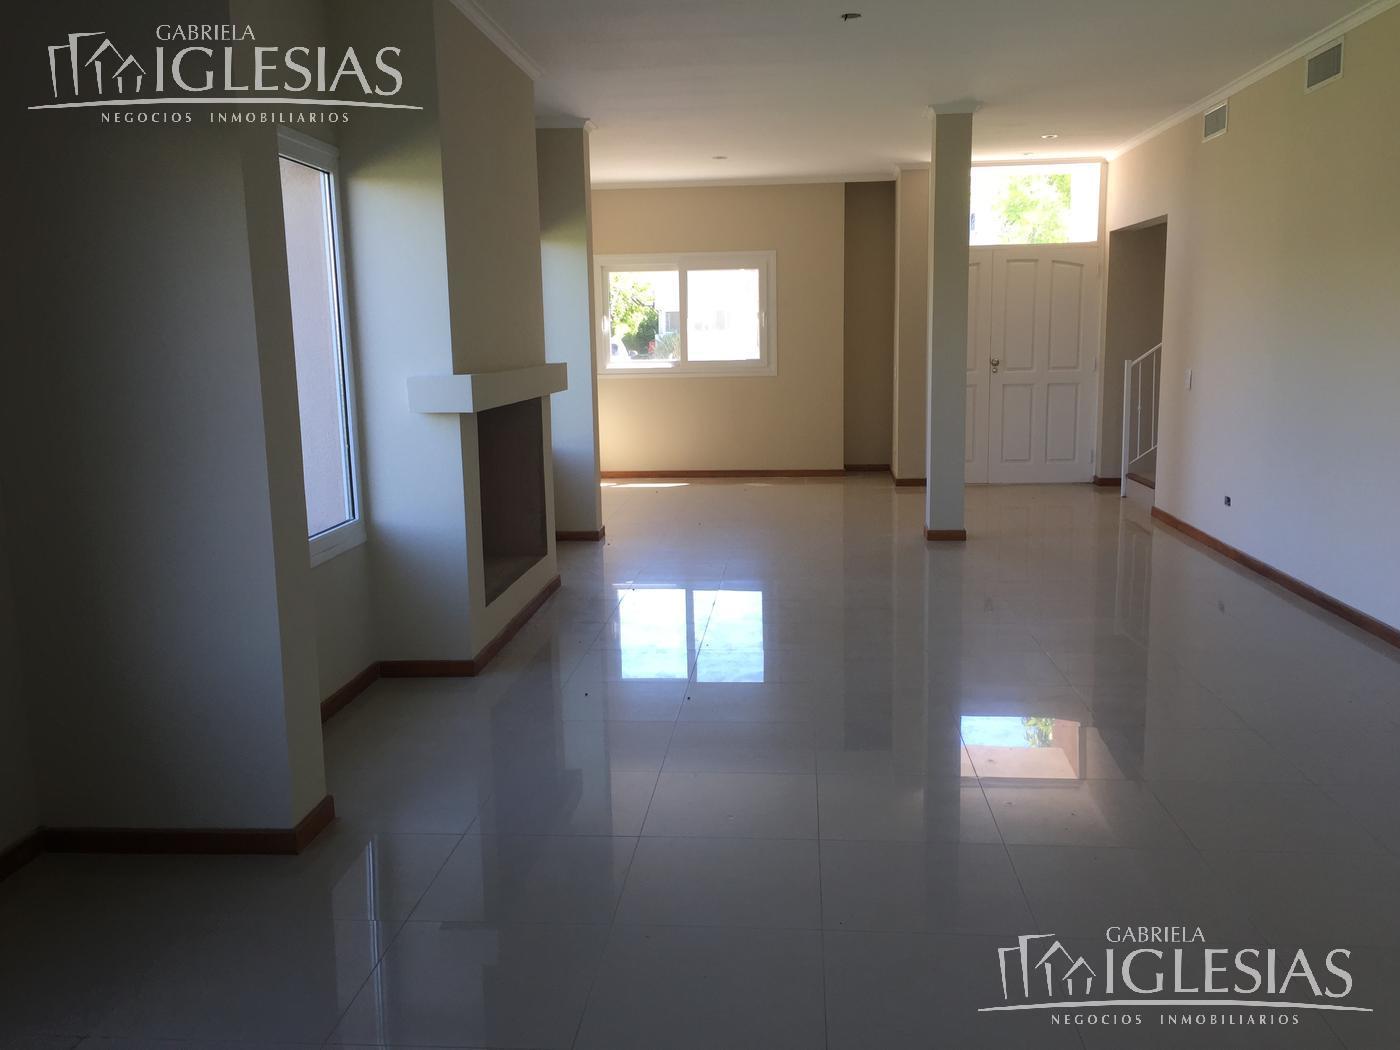 Casa en Venta en Nordelta Los Sauces a Venta - u$s 395.000